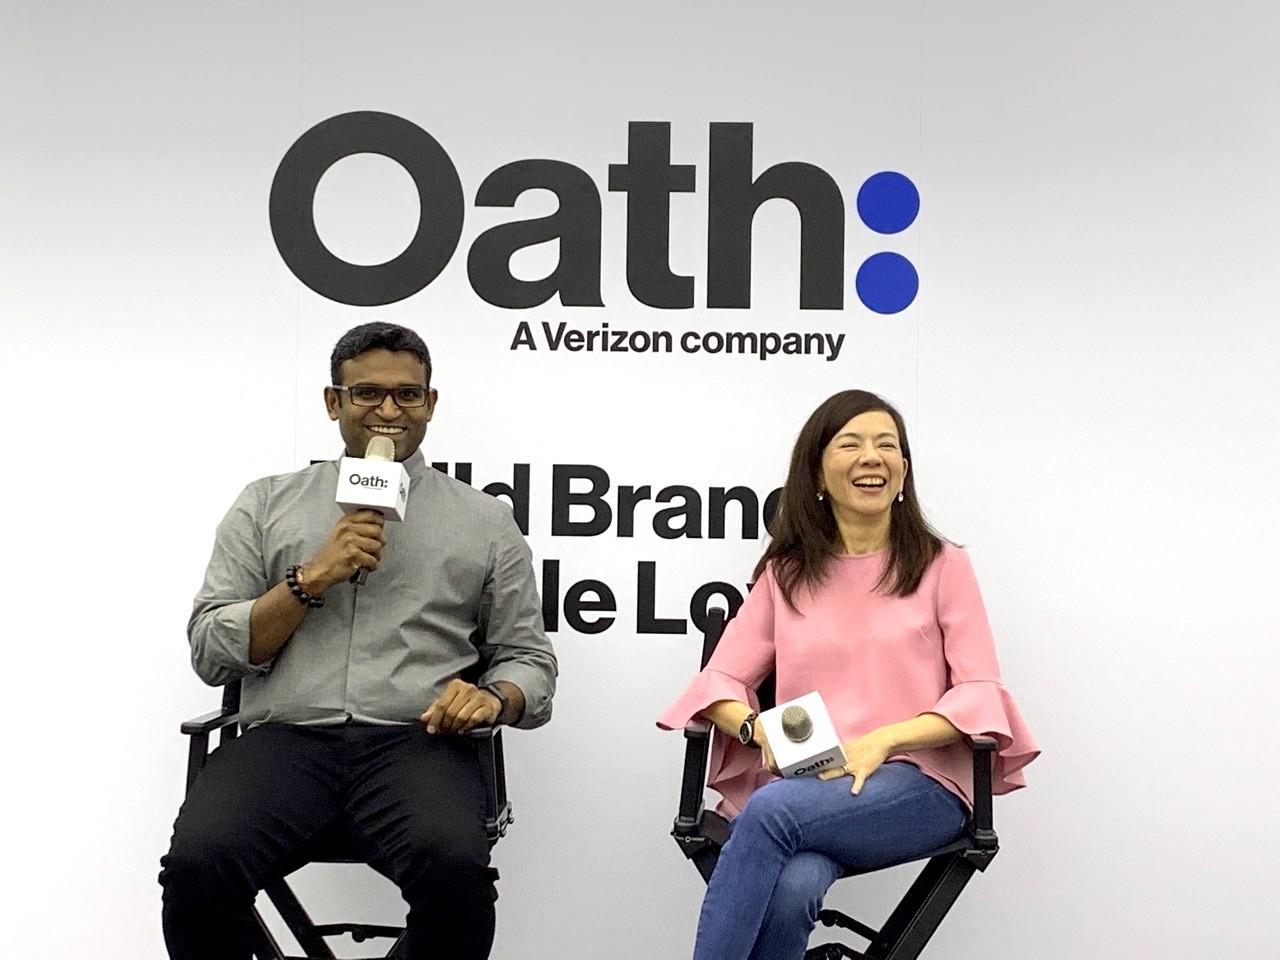 台灣團隊領頭打造生態圈,Oath執行長:不會做像亞馬遜那樣的公司